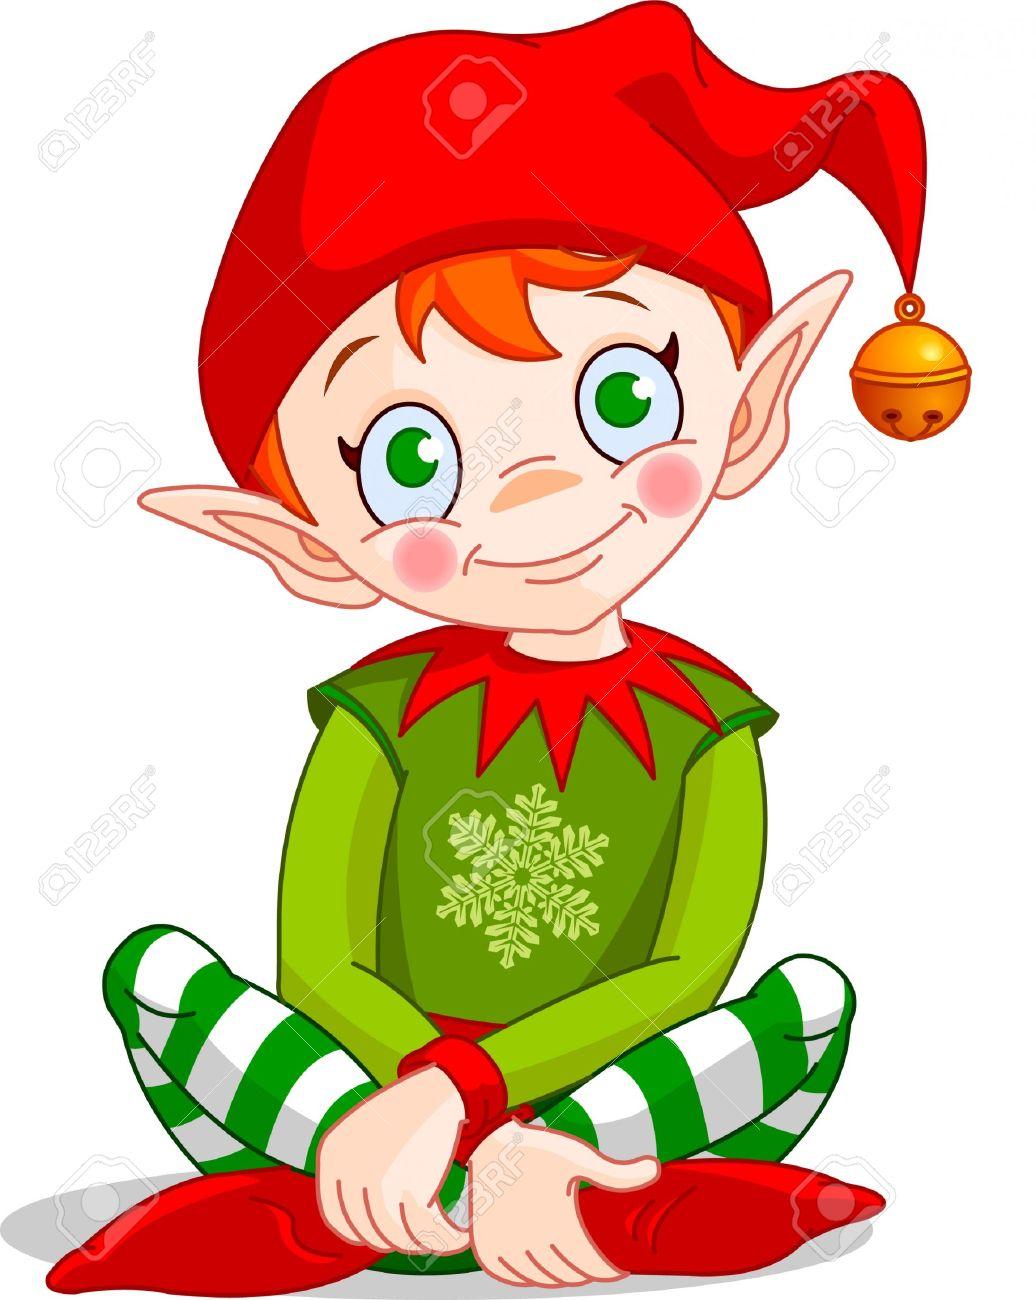 1036x1300 Elf Clipart Amp Look At Elf Clip Art Images